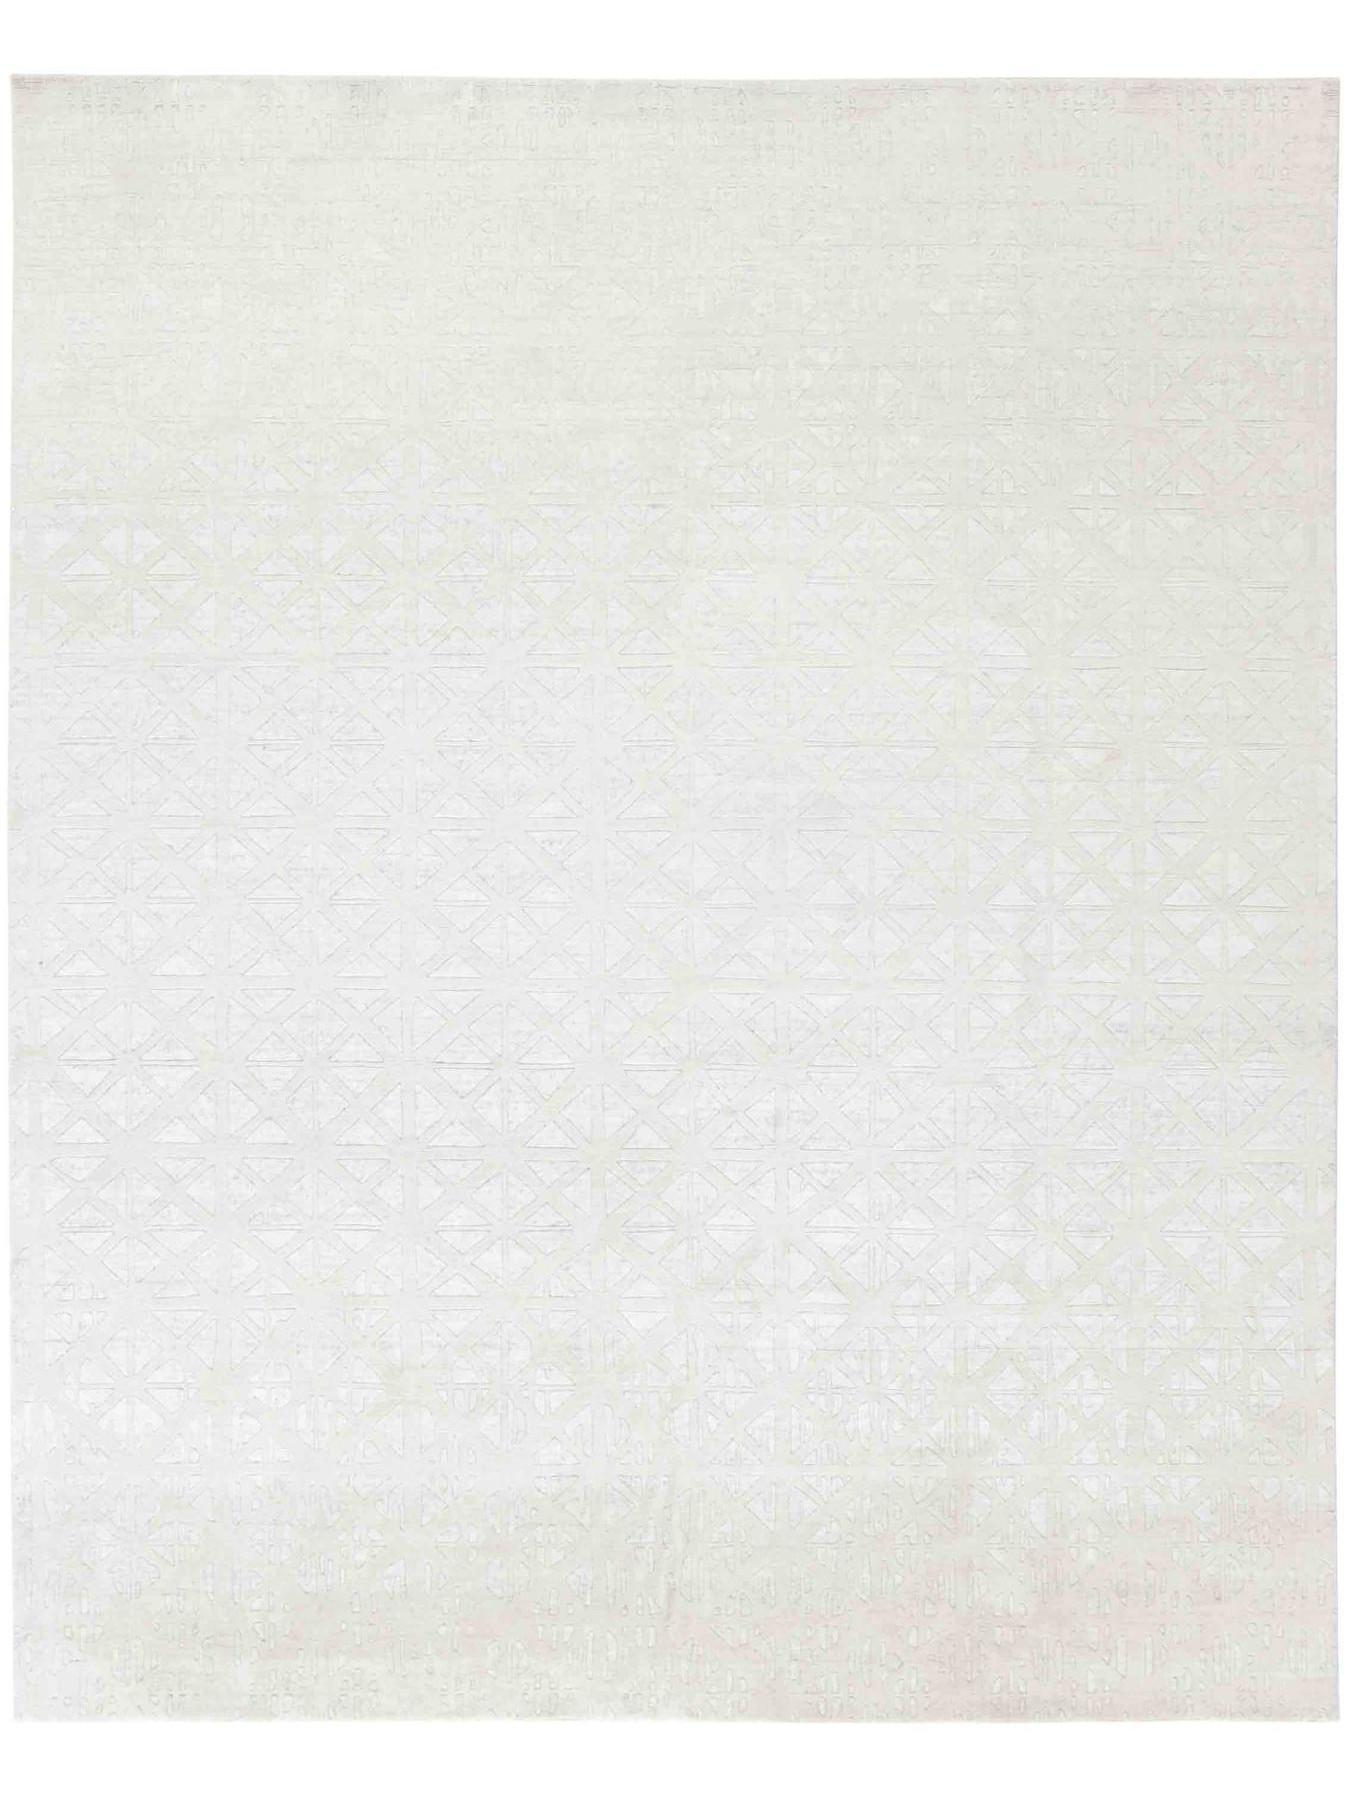 Tapis design - Shangri-La White Mosaic